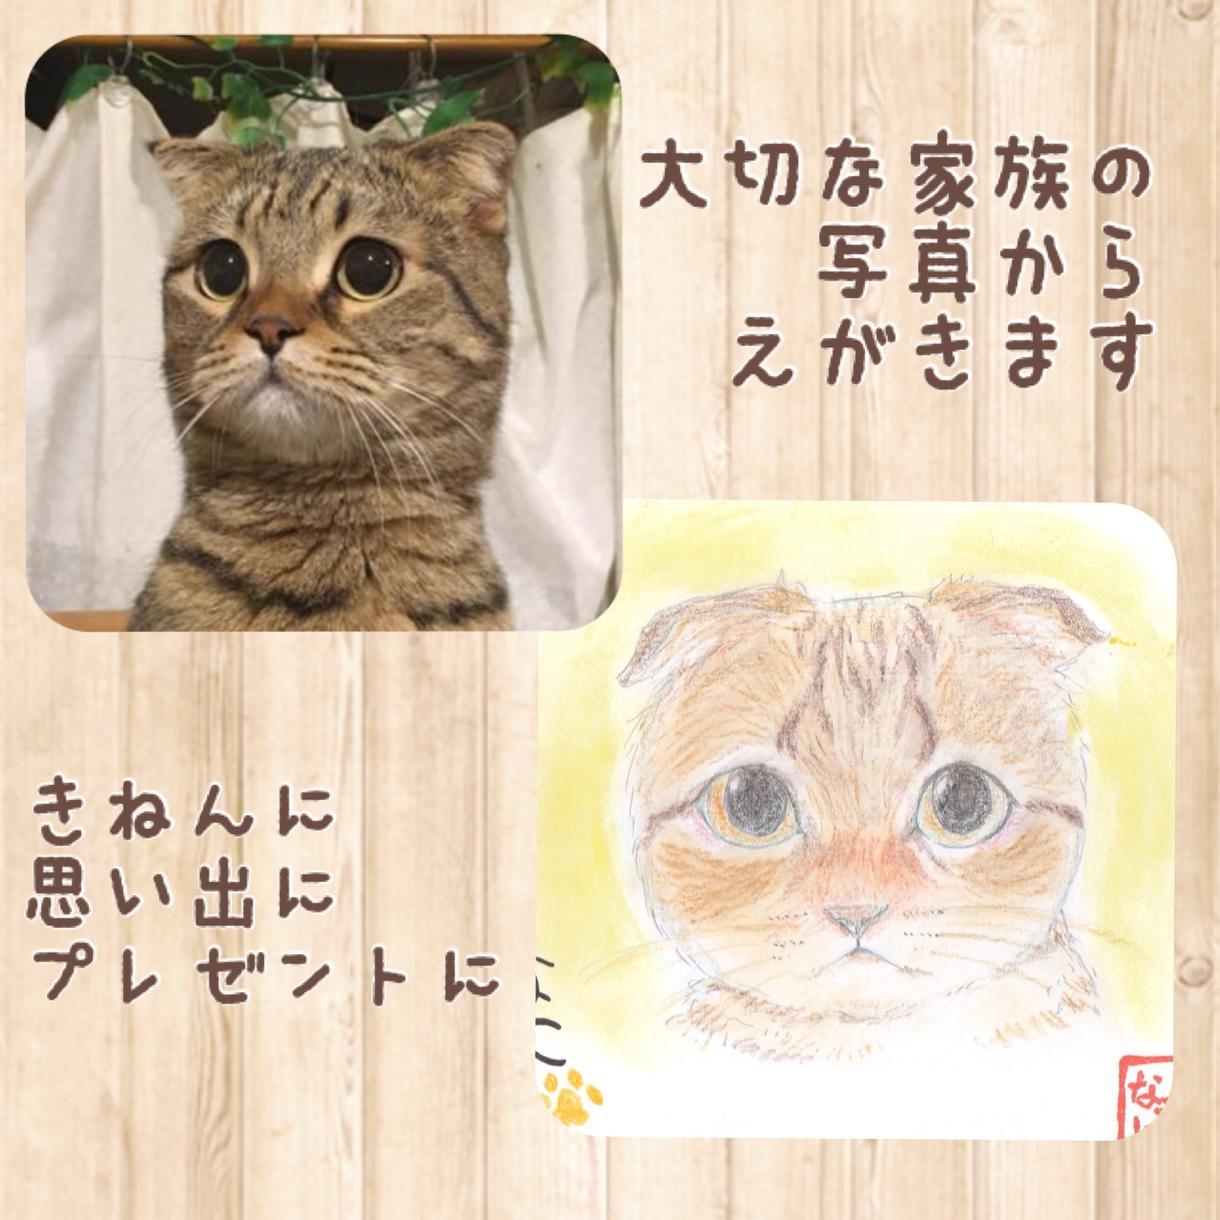 ペットの似顔絵描きます 大切な家族との記念日に、思い出作りに、プレゼントに!